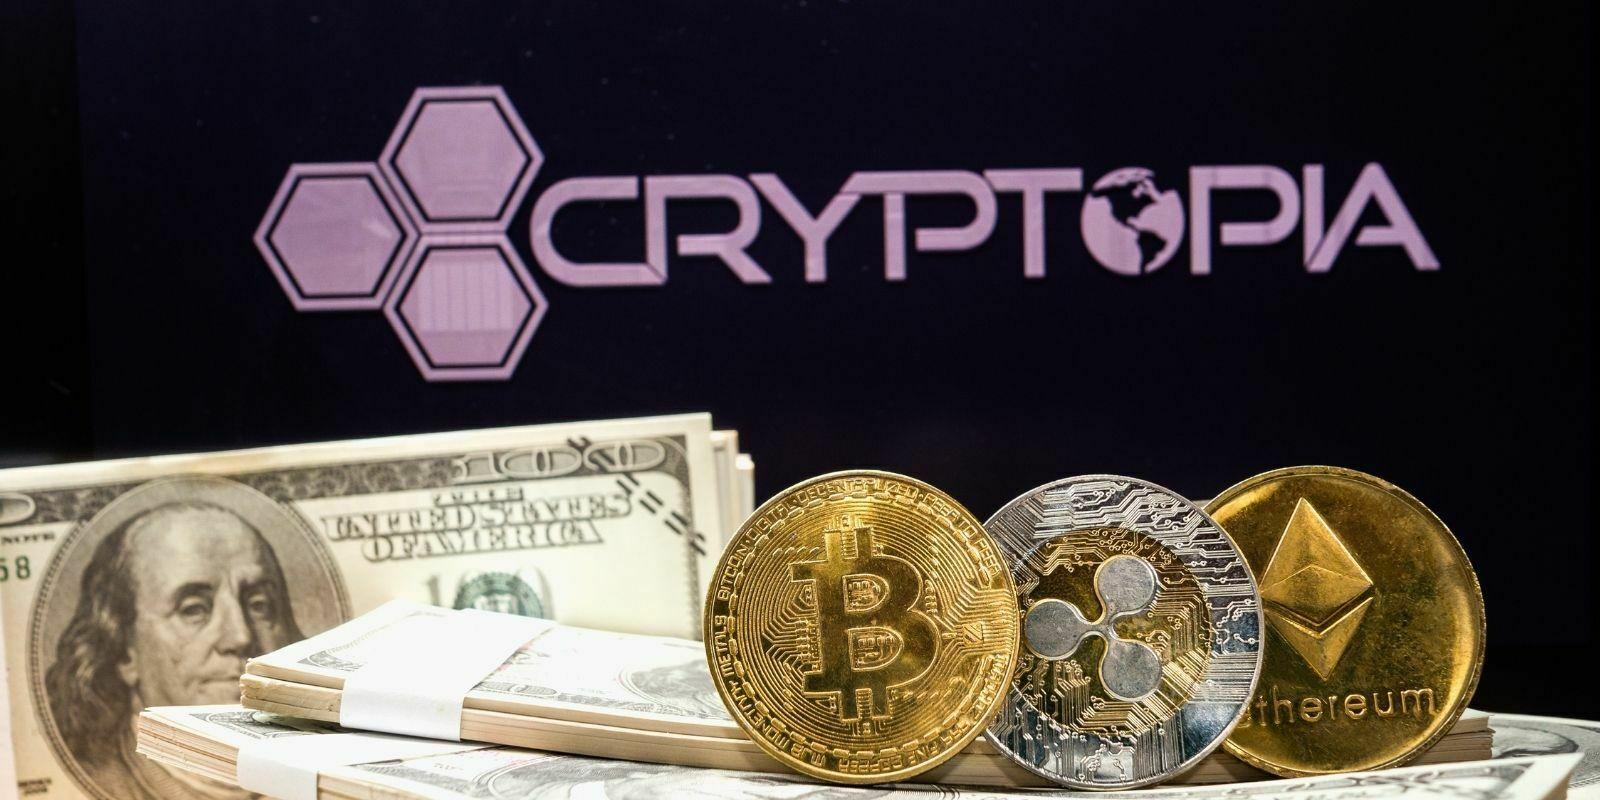 Les utilisateurs de l'exchange défunt Cryptopia peuvent réclamer leurs cryptomonnaies